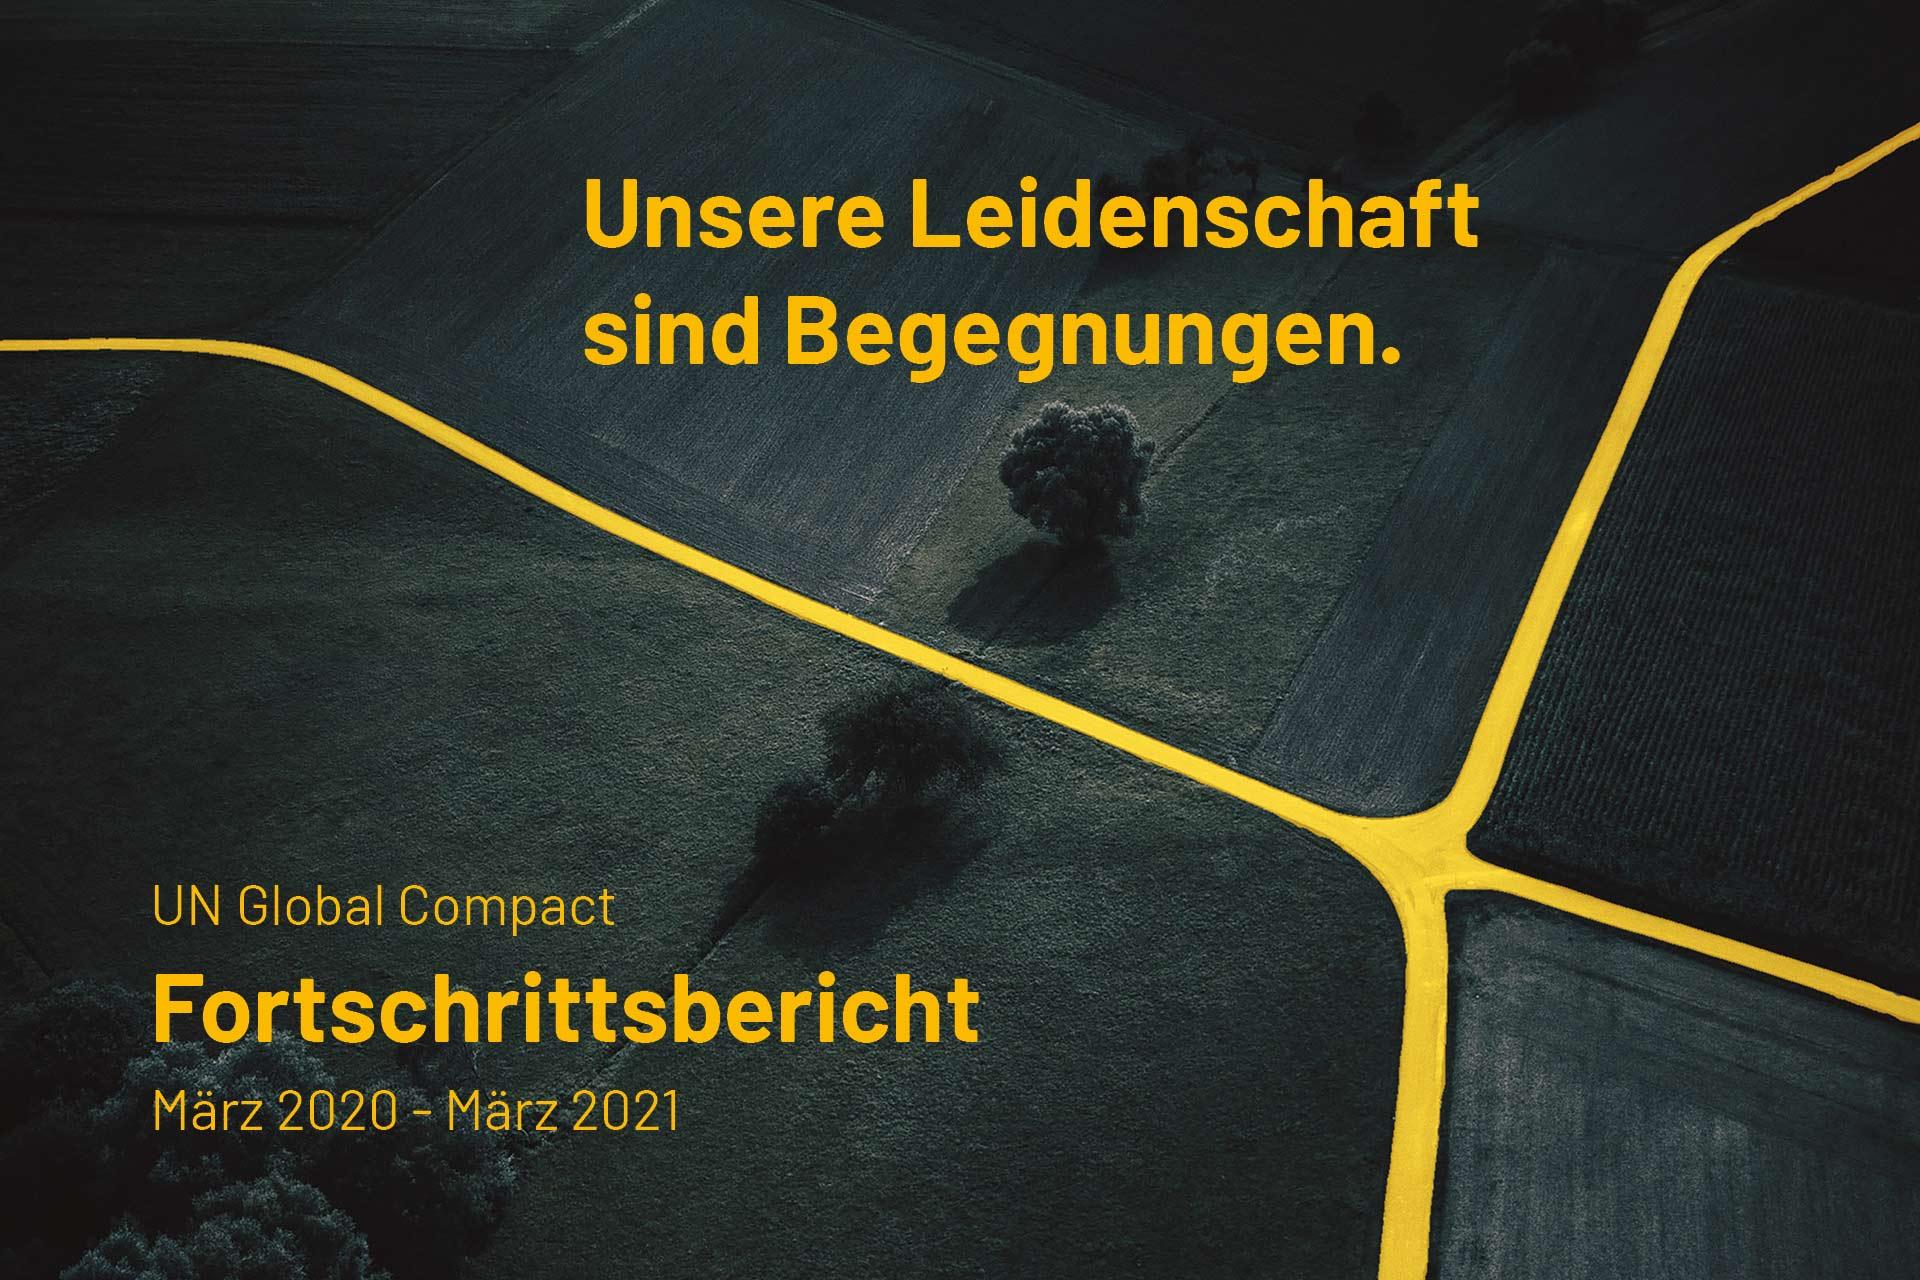 Agentur Ressmann | 2. Fortschrittsbericht (COP)